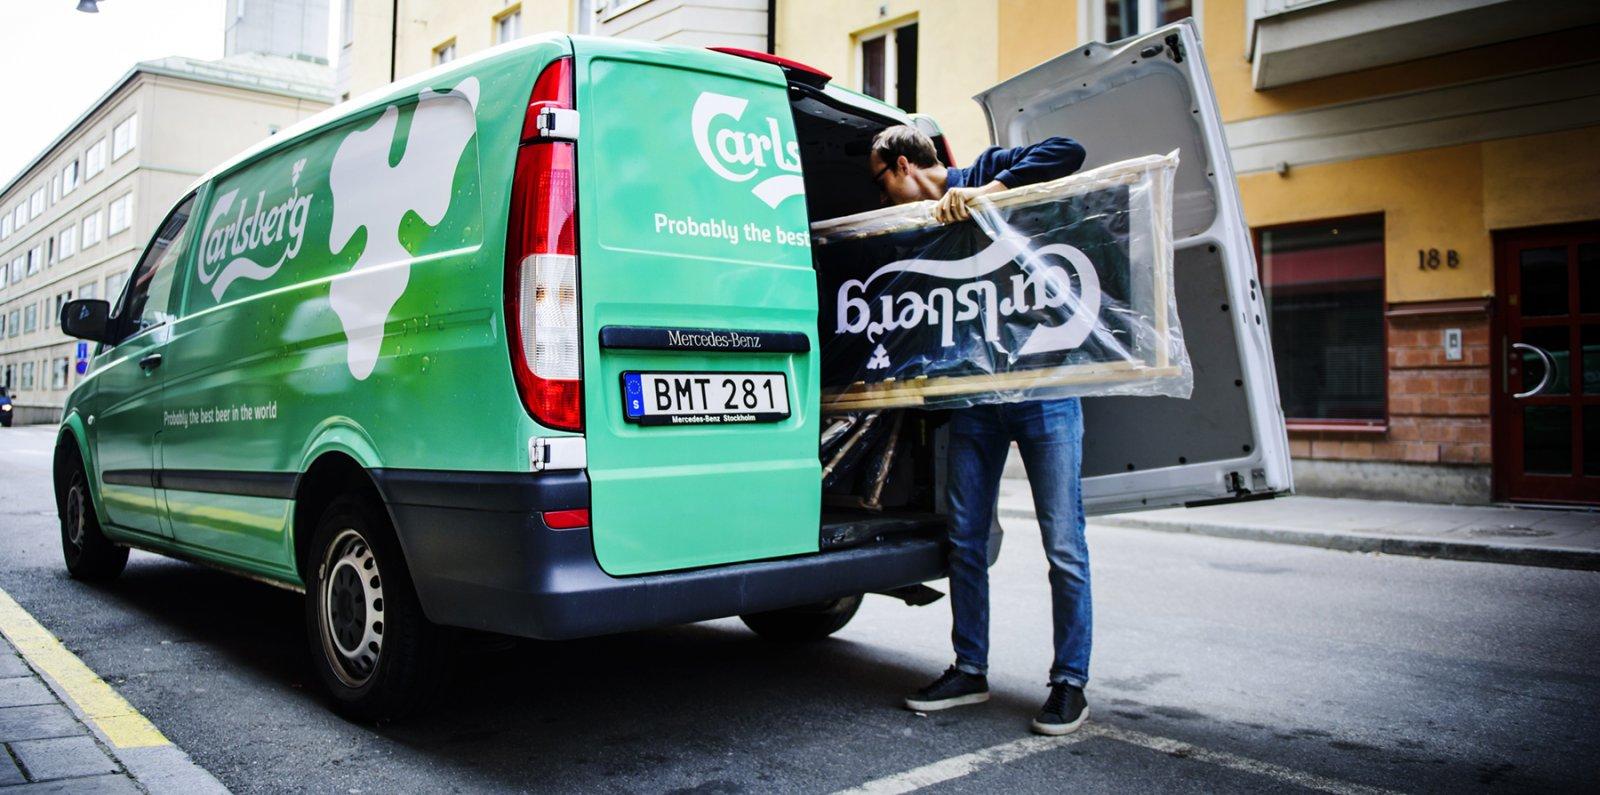 – Vi använder oss av Vito eller Sprinter och hyr dem mellan allt från några dagar till upp till ett helt år, säger Pär Arvered, byråpartner och försäljningsansvarig på Knut Kommunikation.